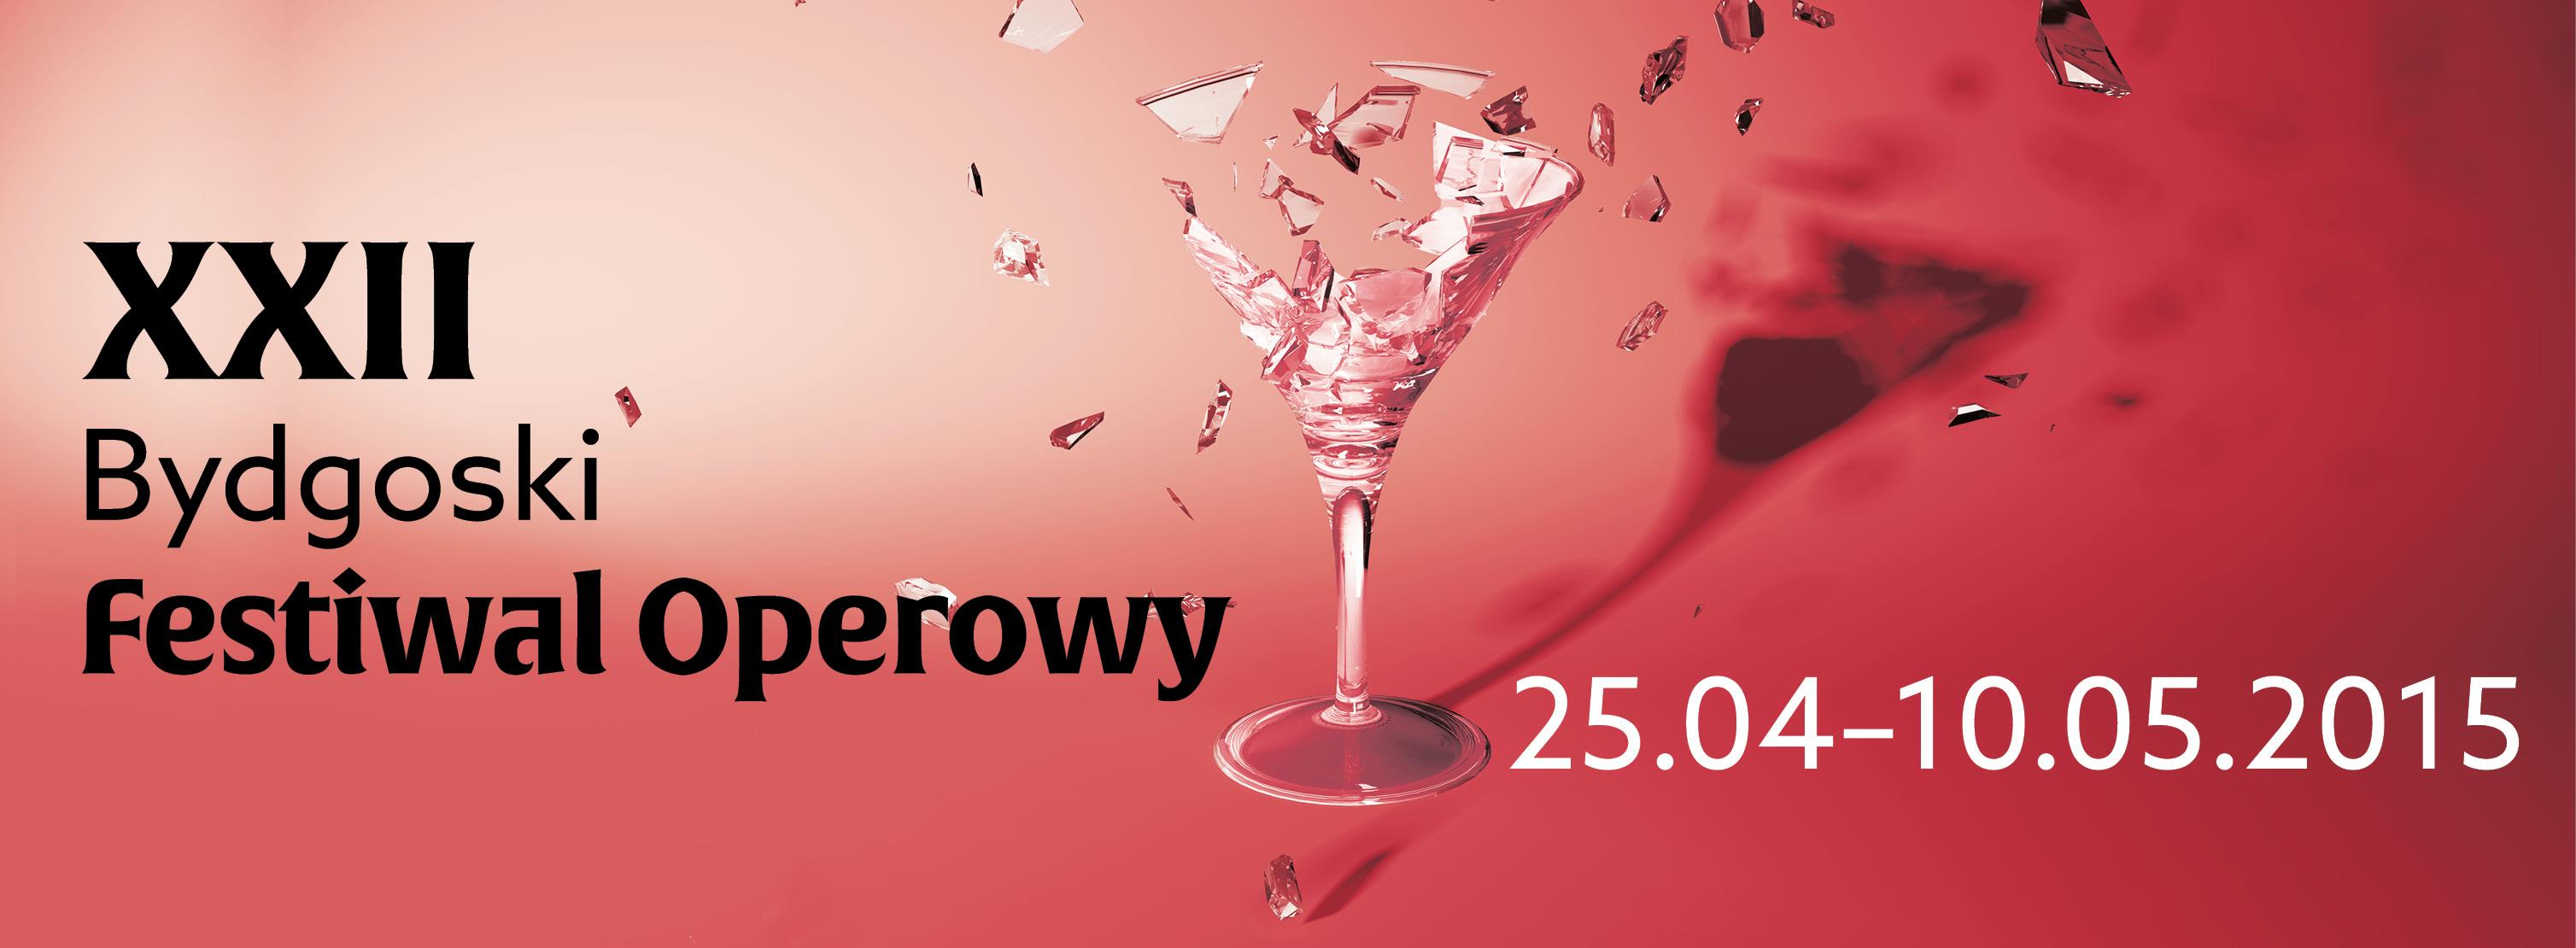 Bydgoski Festiwal Operowy (źródło: materiały prasowe organizatora)